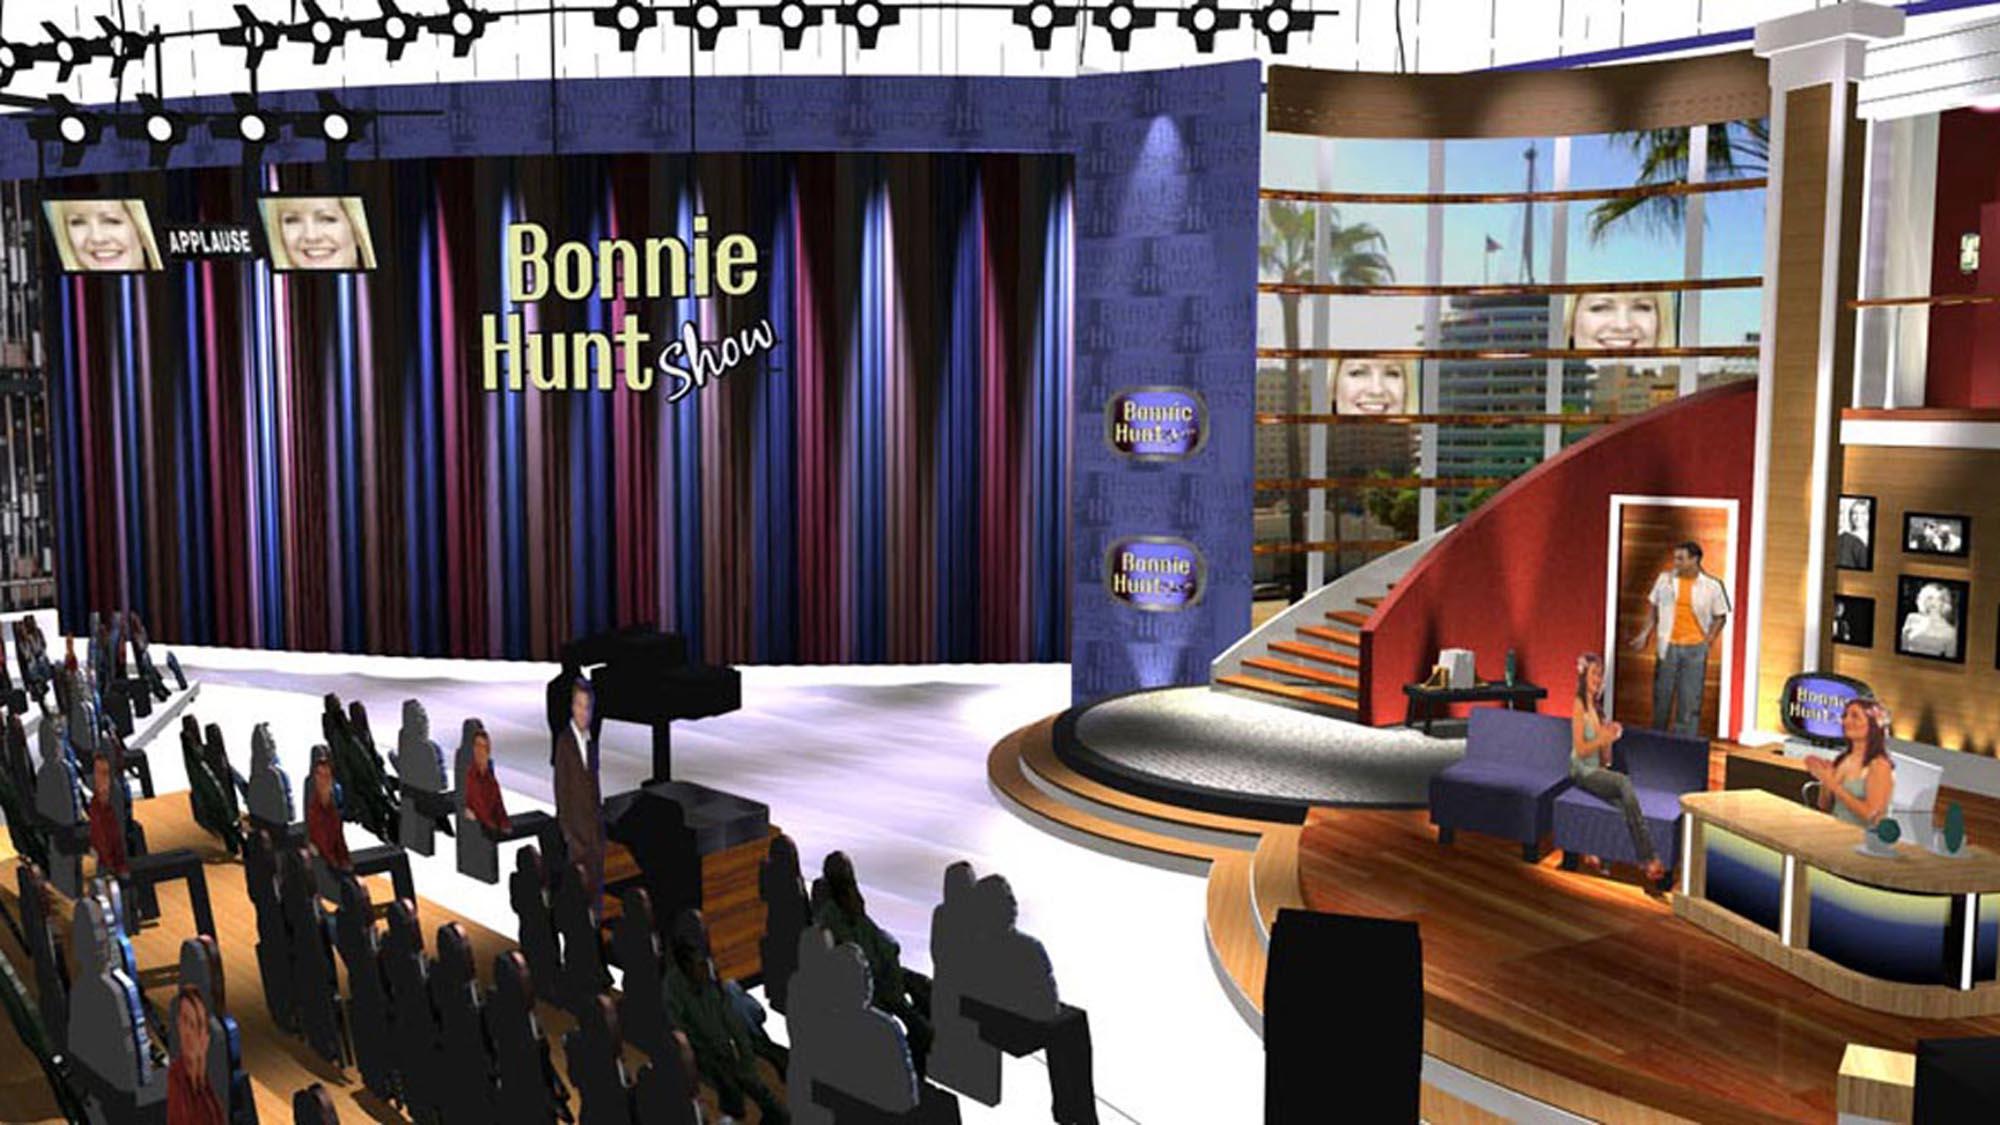 Bonnie_02-smsized